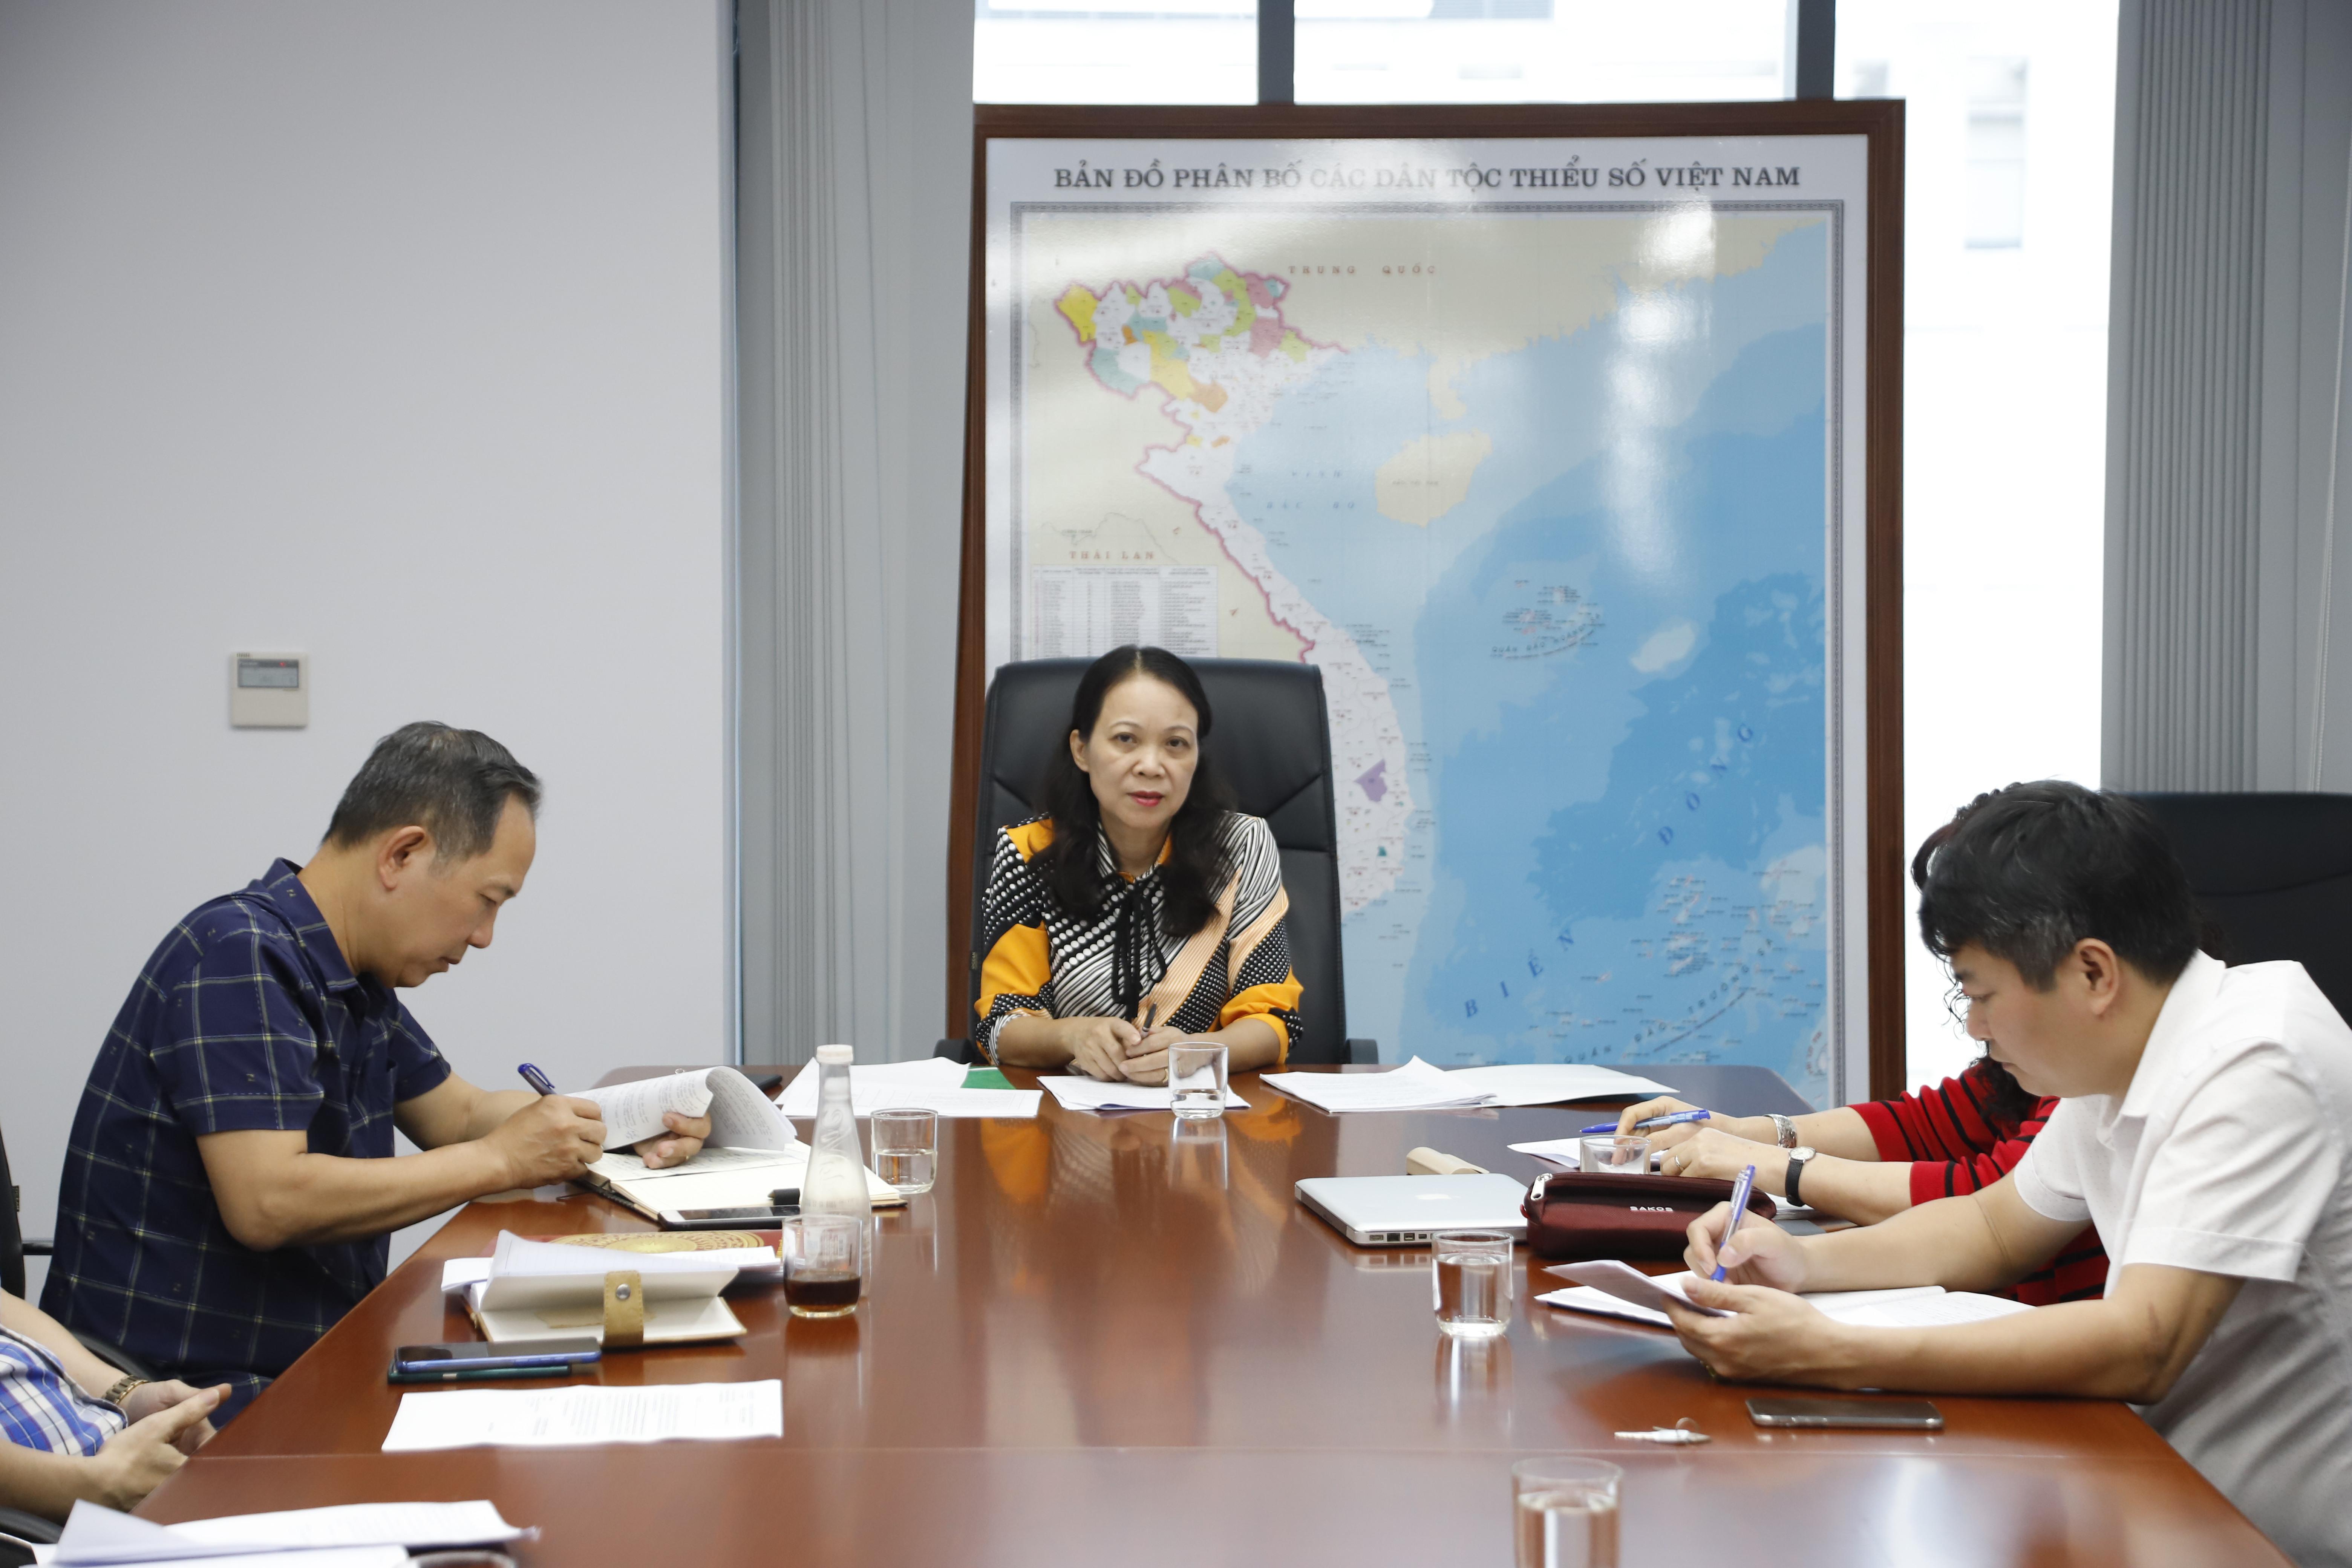 Thứ trưởng, Phó Chủ nhiệm Hoàng Thị Hạnh chủ trì buổi làm việc